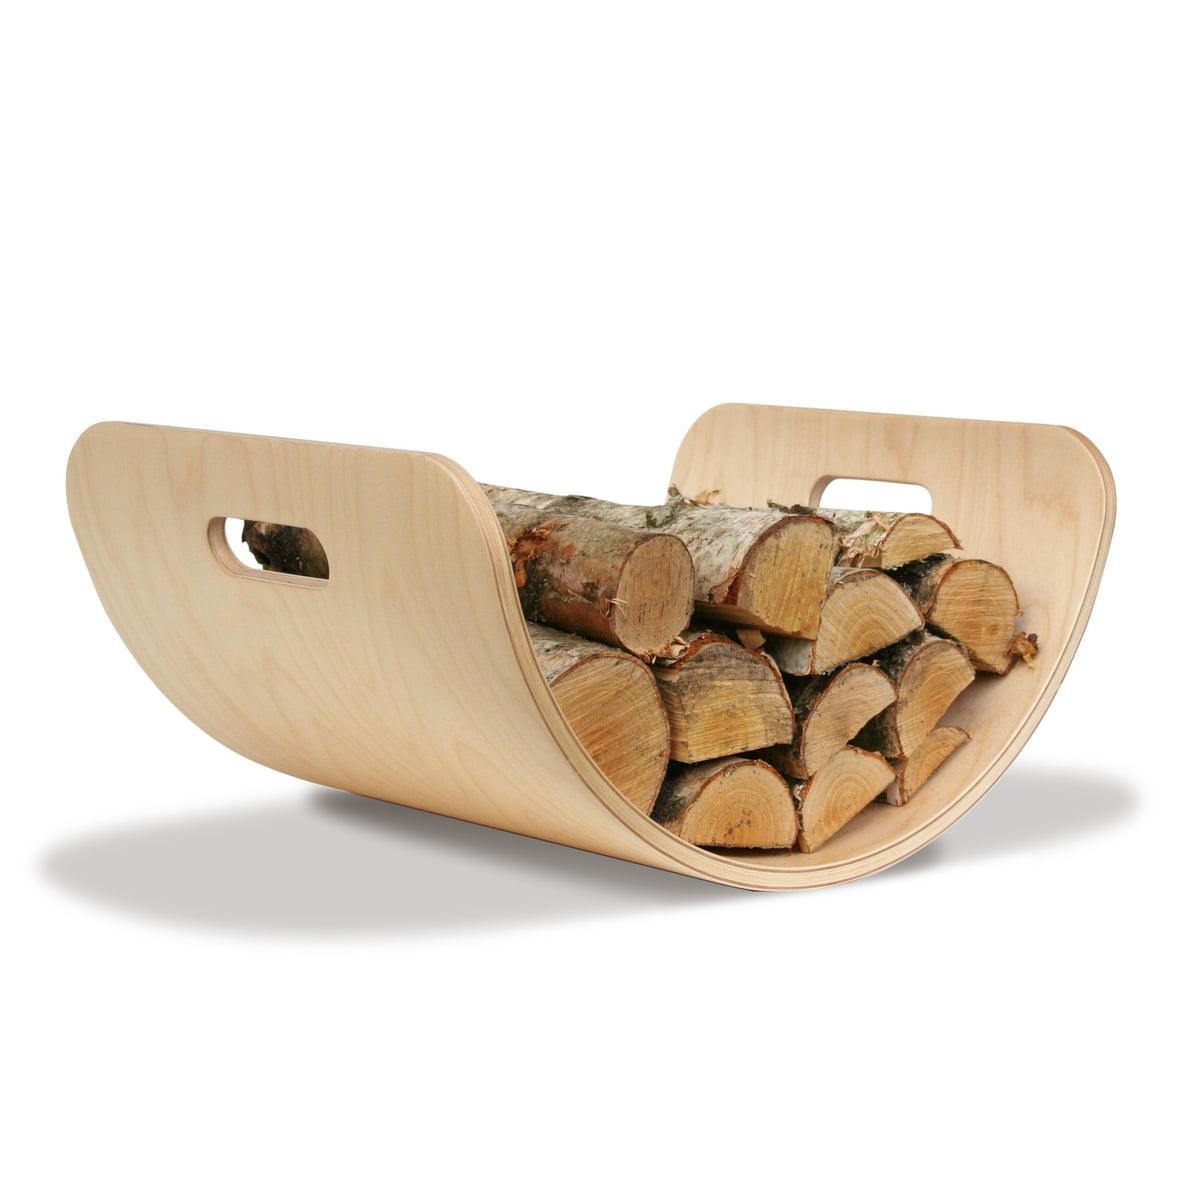 Baest - Swing Holzwiege, Eiche Natur | Wohnzimmer > Kamine & Öfen | Eiche natur | Eichenholz | Baest